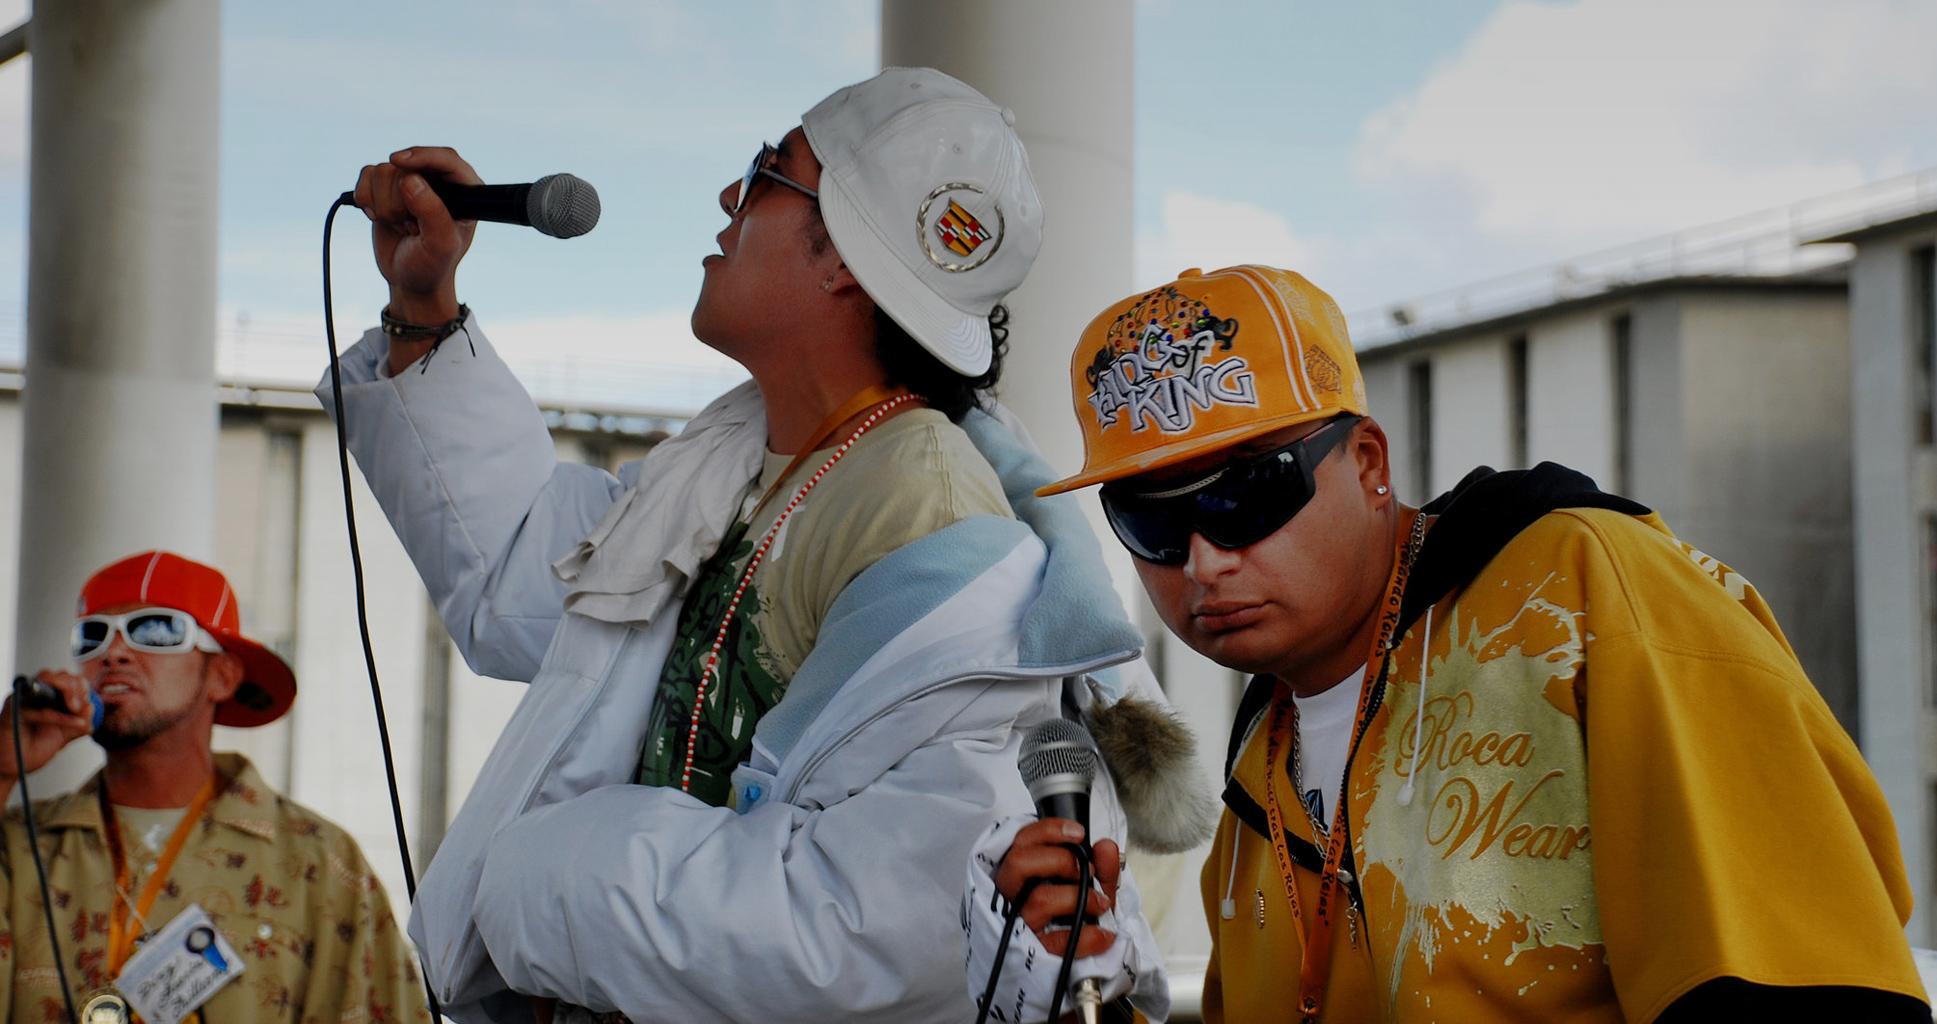 Un concours de chant dans la plus grande prison de Mexico